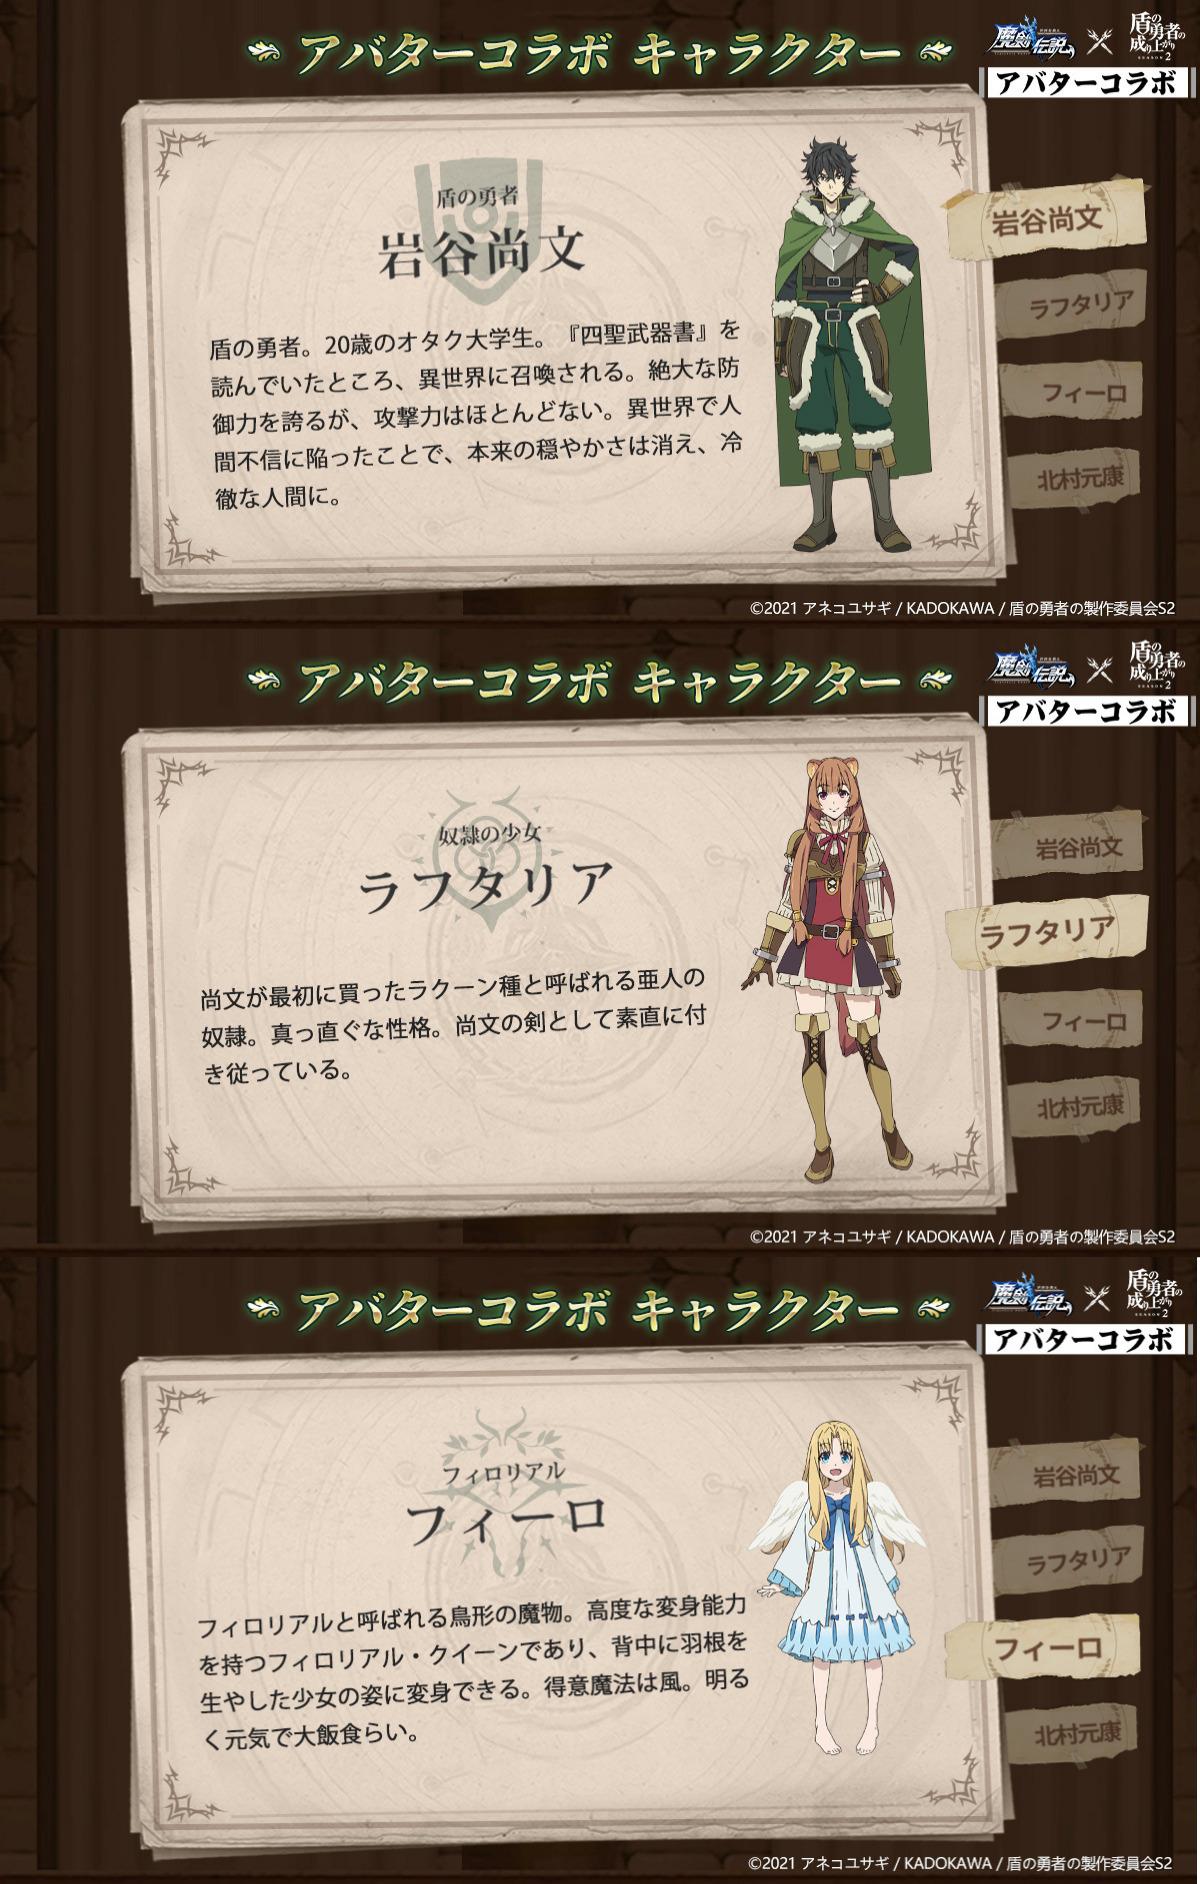 【魔剣伝説】盾勇コラボ